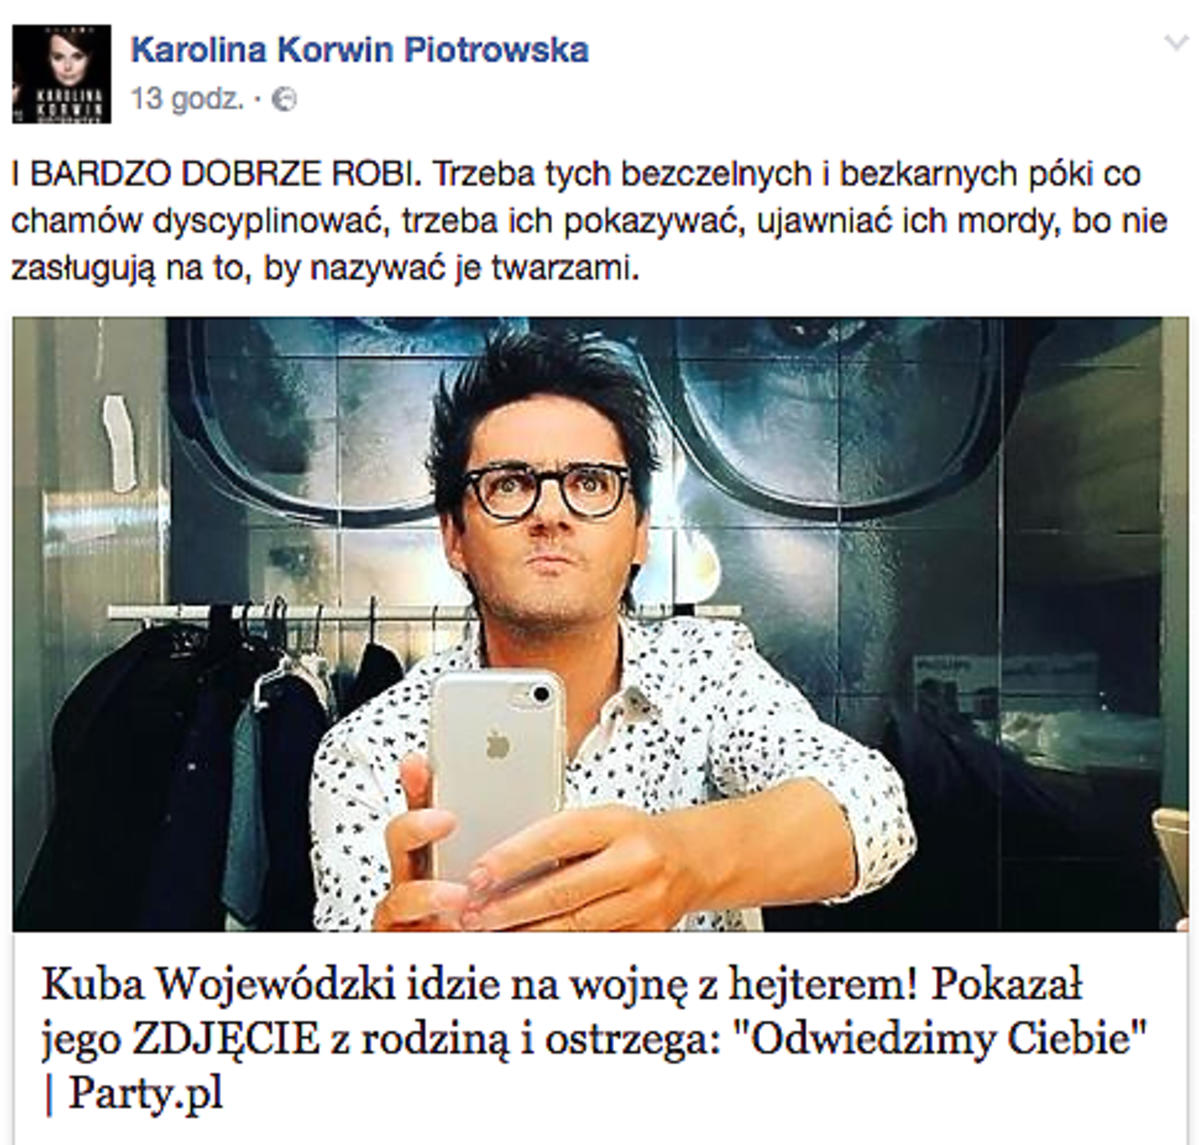 Karolina Korwin Piotrowska broni Kuby Wojewódzkiego